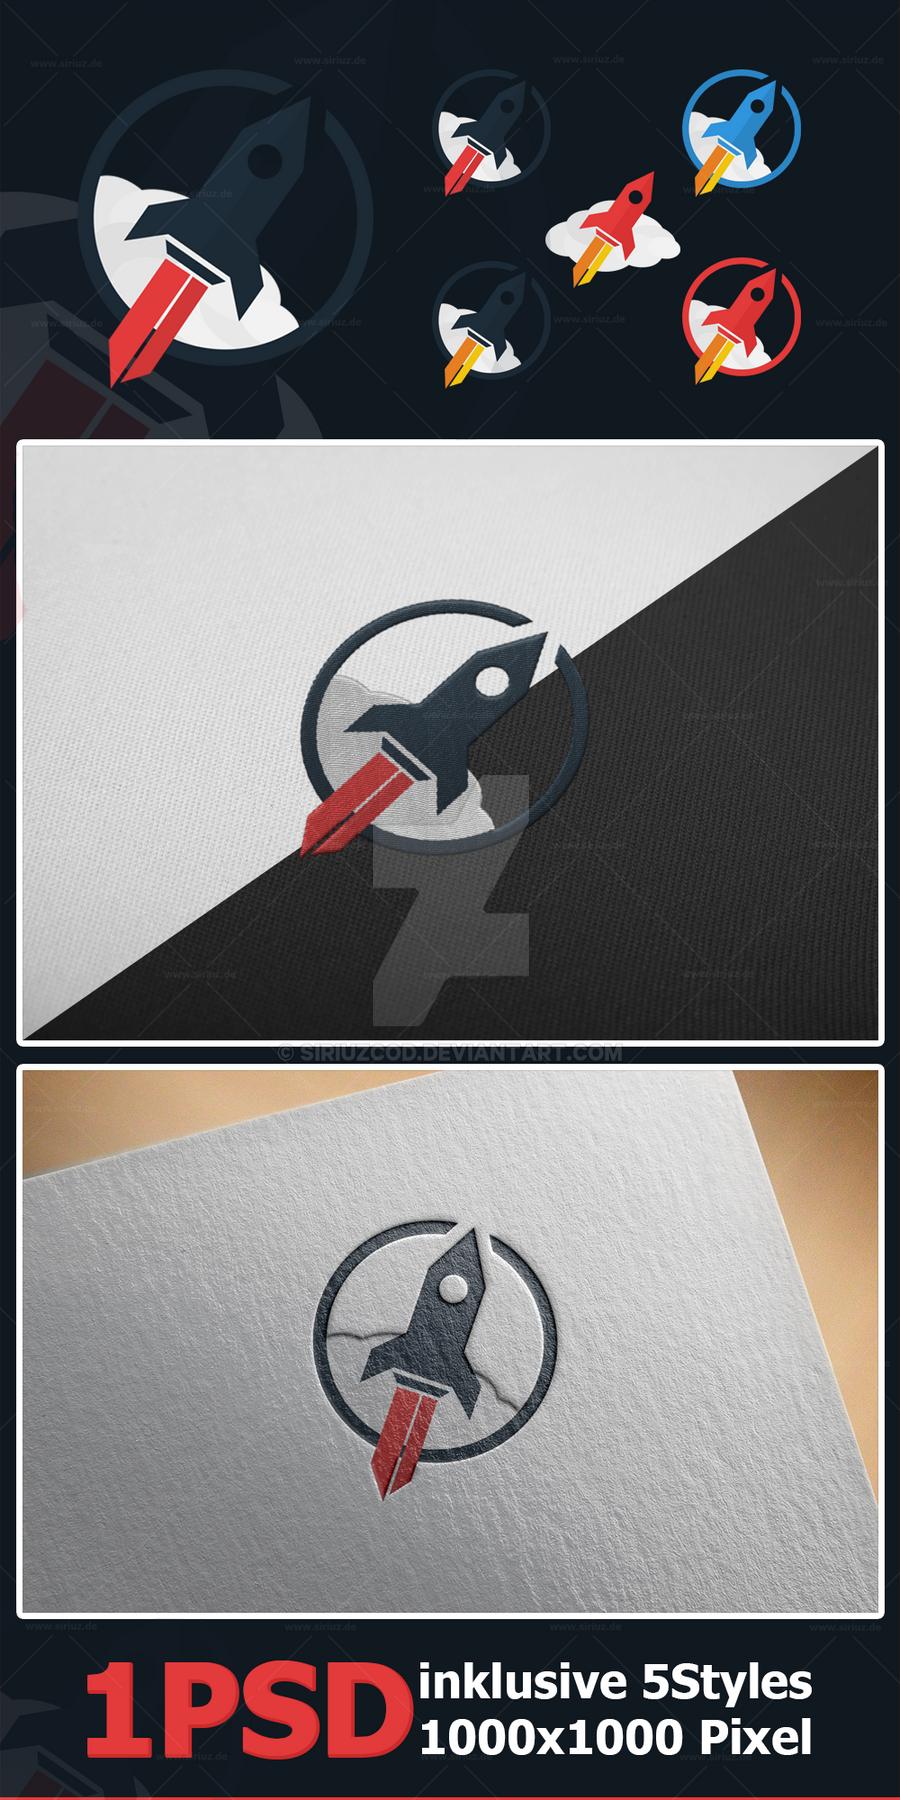 Esl Gaming Graphic Design